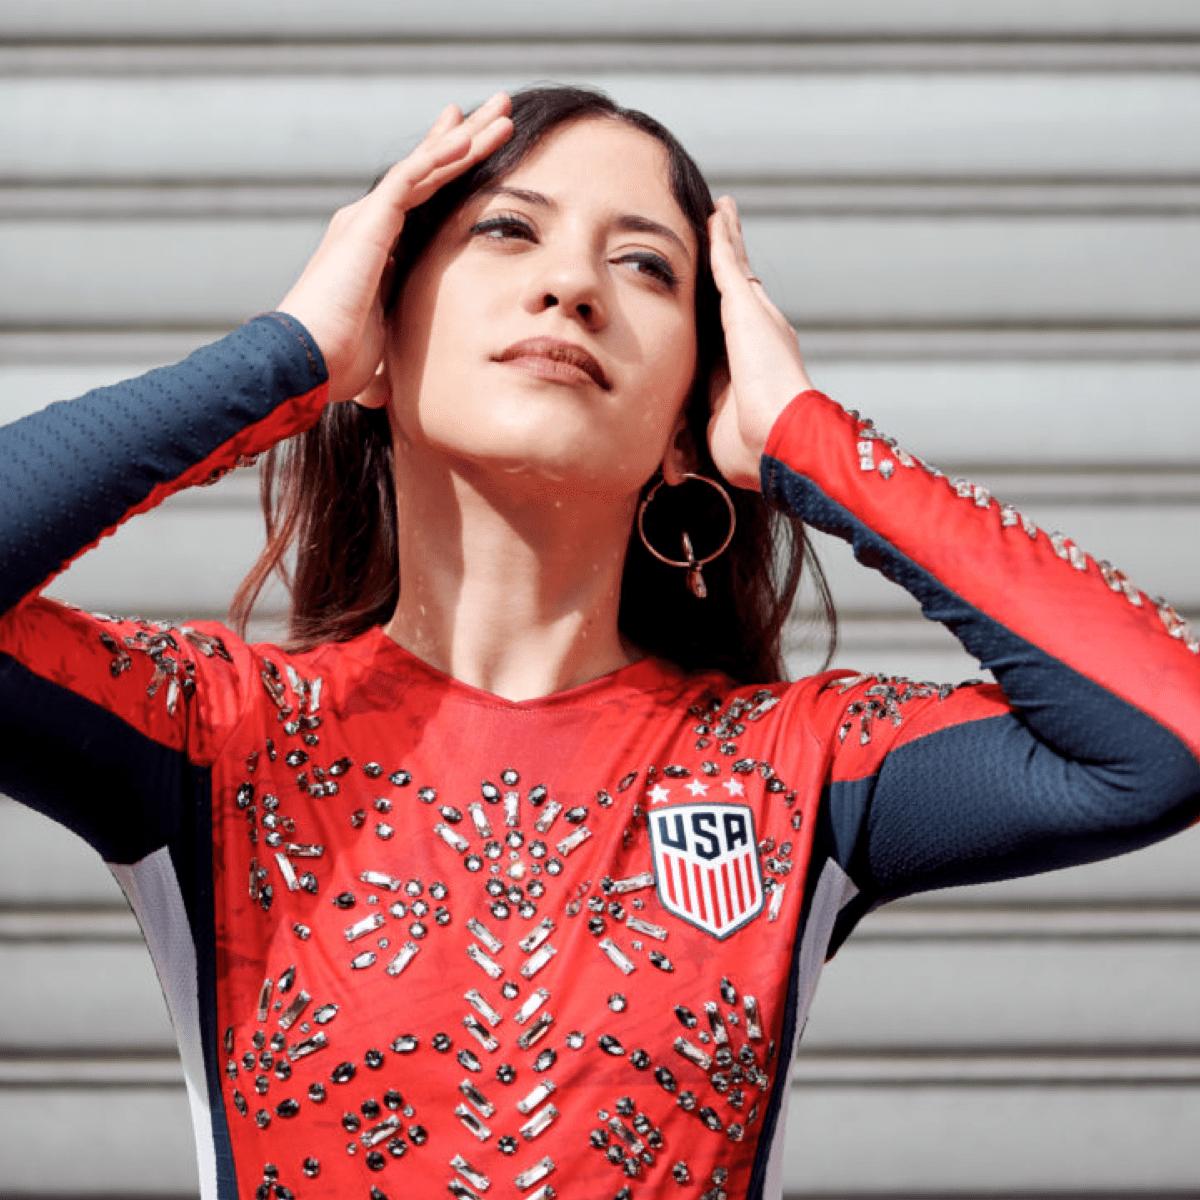 Femme DJ marocaine basée à Paris, Glitter distille de la musique techno puissante et aérienne